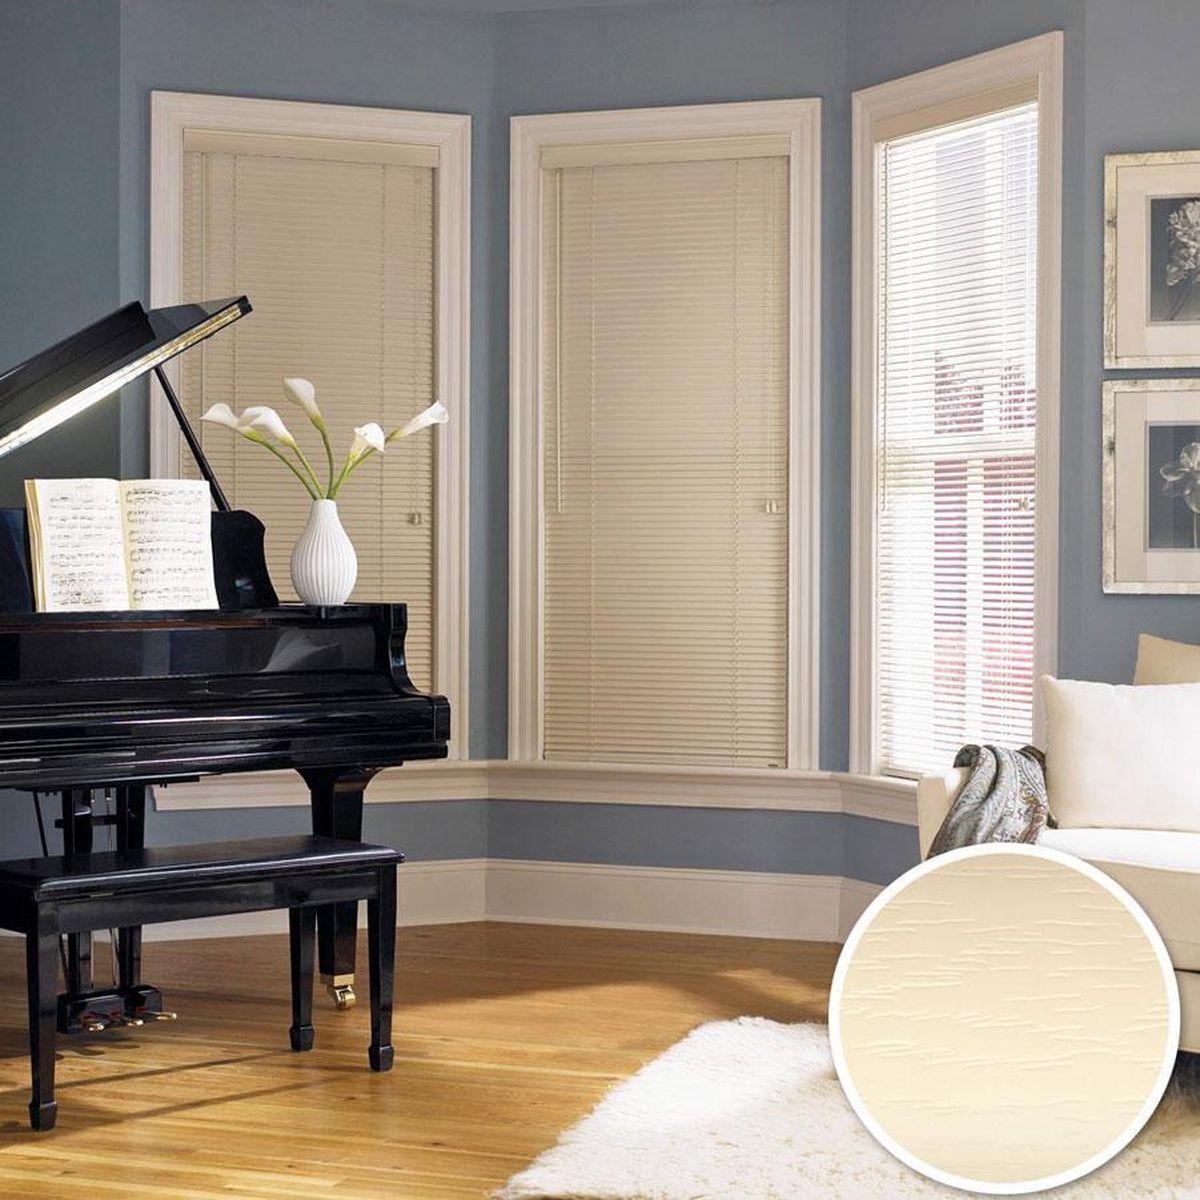 Жалюзи пластиковые 38 мм Эскар, горизонтальные, цвет: бежевый, ширина 140 см, высота 160 см61009140160Для того чтобы придать интерьеру изюминку и завершенность, нет ничего лучше, чем использовать жалюзи на окнах квартиры, дома или офиса. С их помощью можно подчеркнуть индивидуальный вкус, а также стилевое оформление помещения. Помимо декоративных функций, жалюзи выполняют и практические задачи: они защищают от излишнего солнечного света, не дают помещению нагреваться, а также создают уют в темное время суток.Пластиковые жалюзи - самое универсальное и недорогое решение для любого помещения. Купить их может каждый, а широкий выбор размеров под самые популярные габариты сделает покупку простой и удобной. Пластиковые жалюзи имеют высокие эксплуатационные характеристики - они гигиеничны, что делает их незаменимыми при монтаже в детских и медицинских учреждениях.